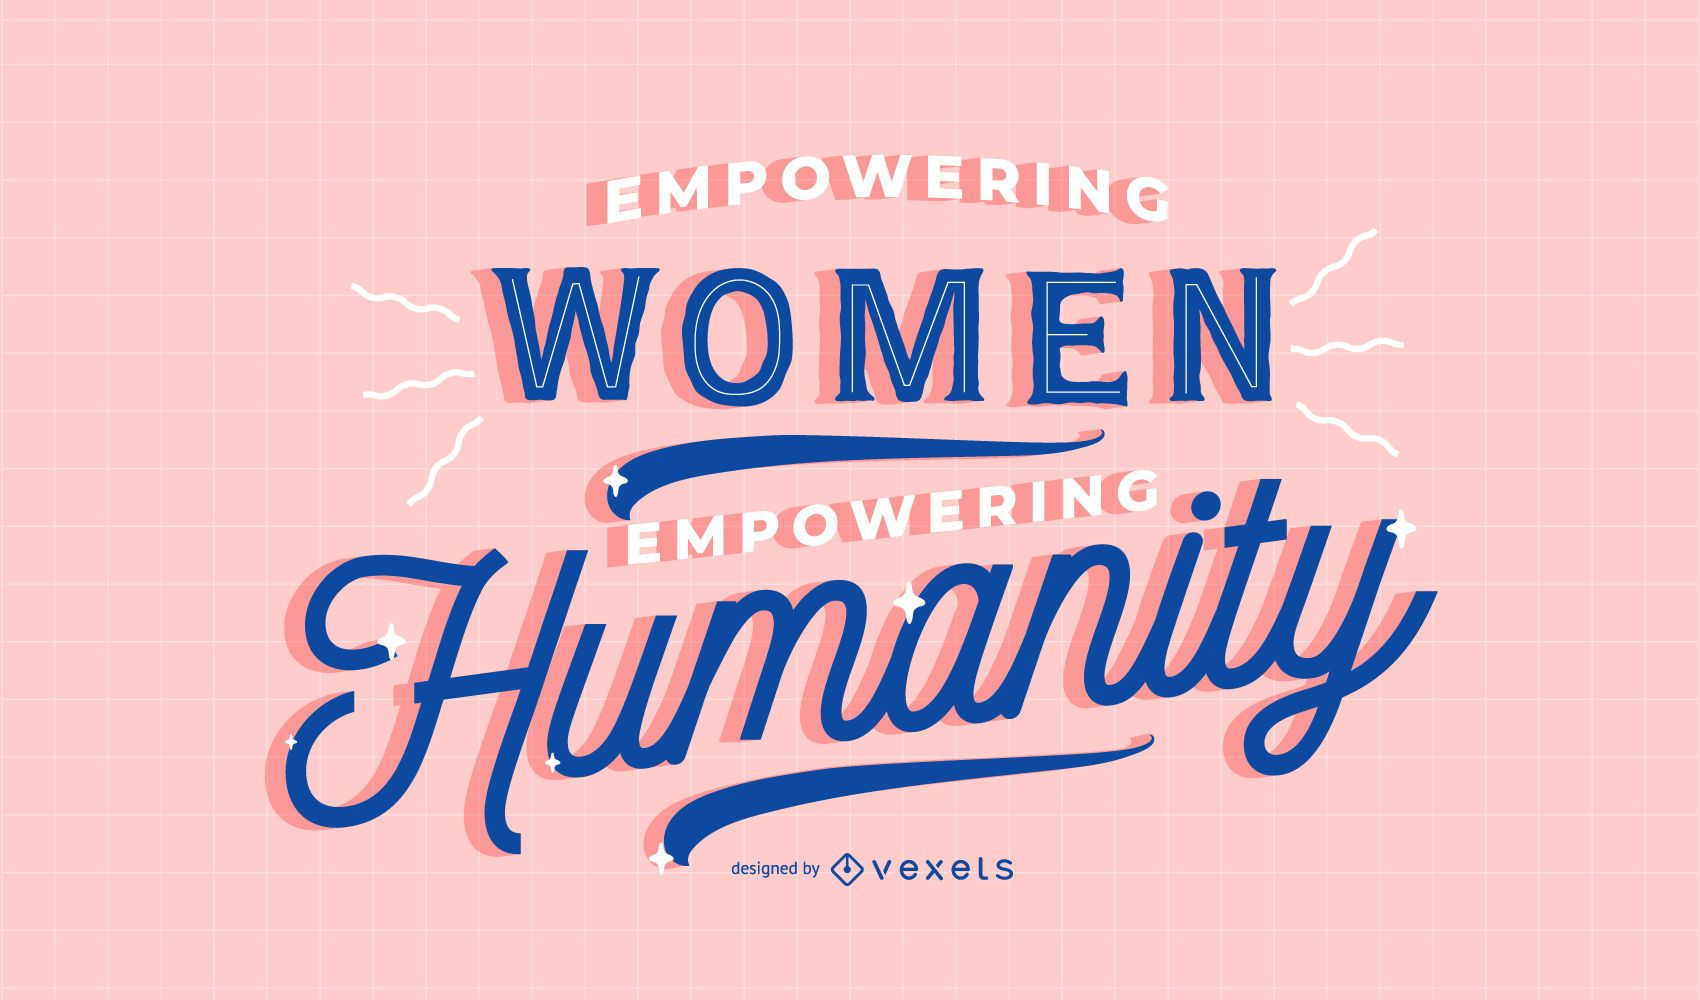 Capacitando mulheres com design de letras